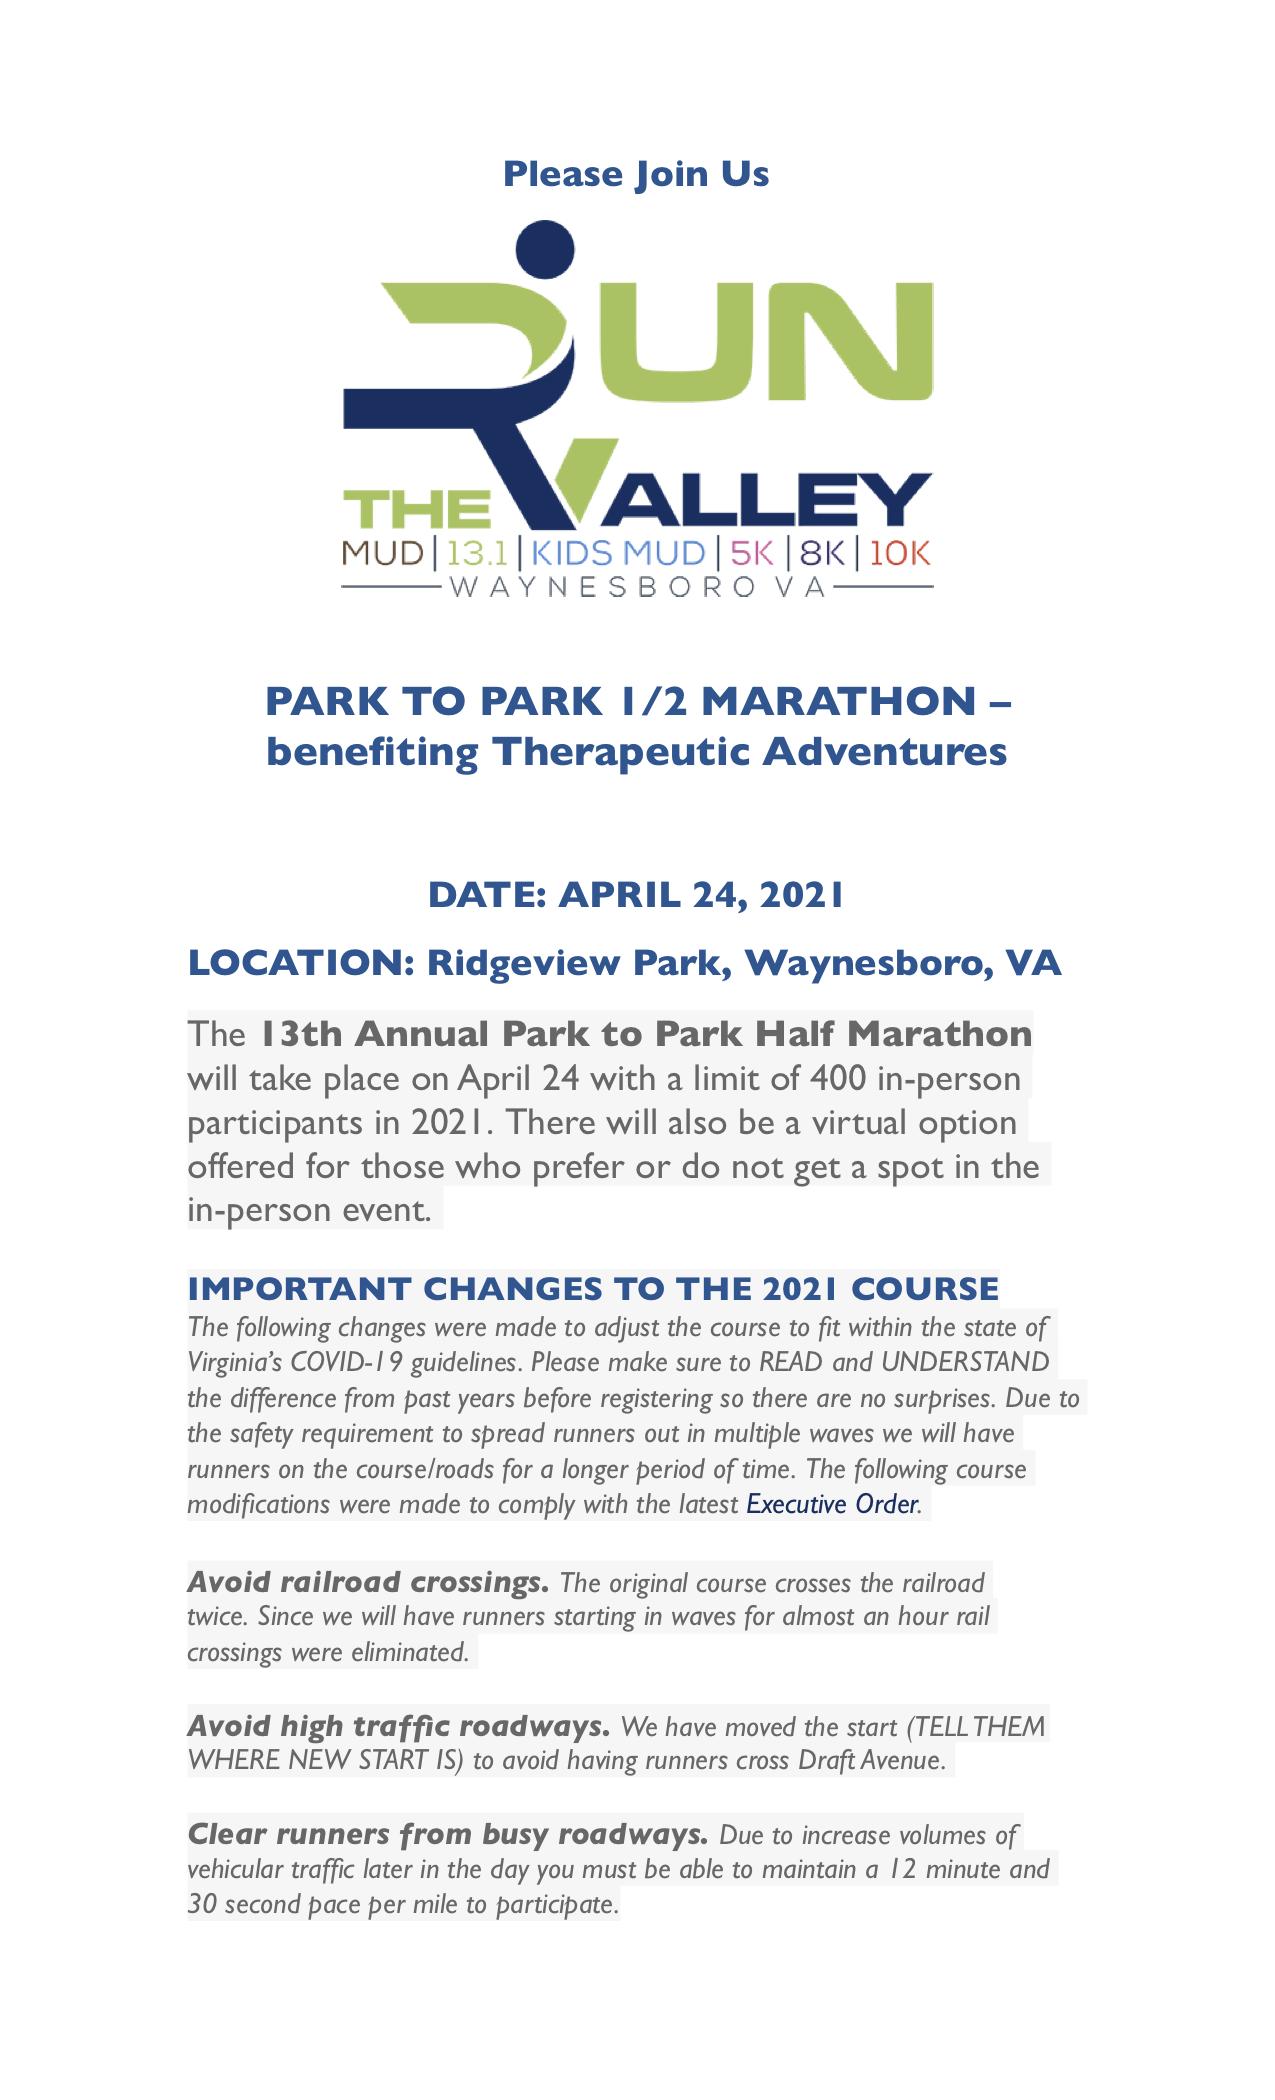 P2P 1/2 Marathon 2021